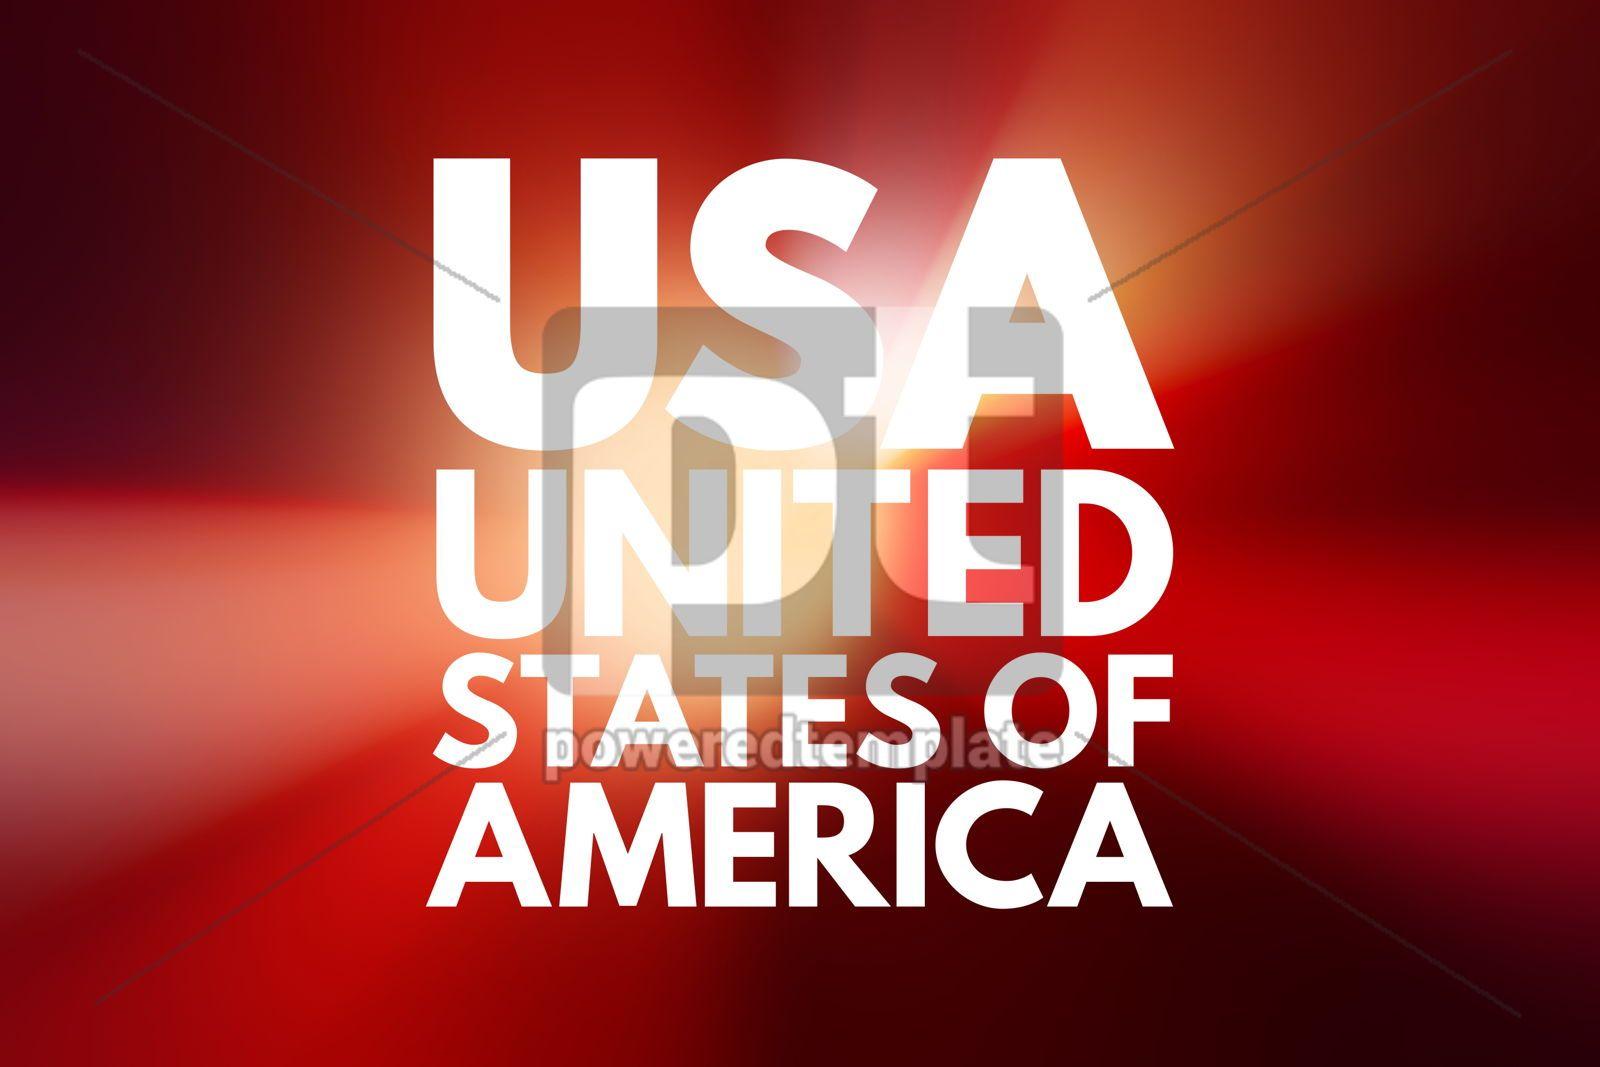 USA - United States of America acronym concept background, 16097, Business — PoweredTemplate.com